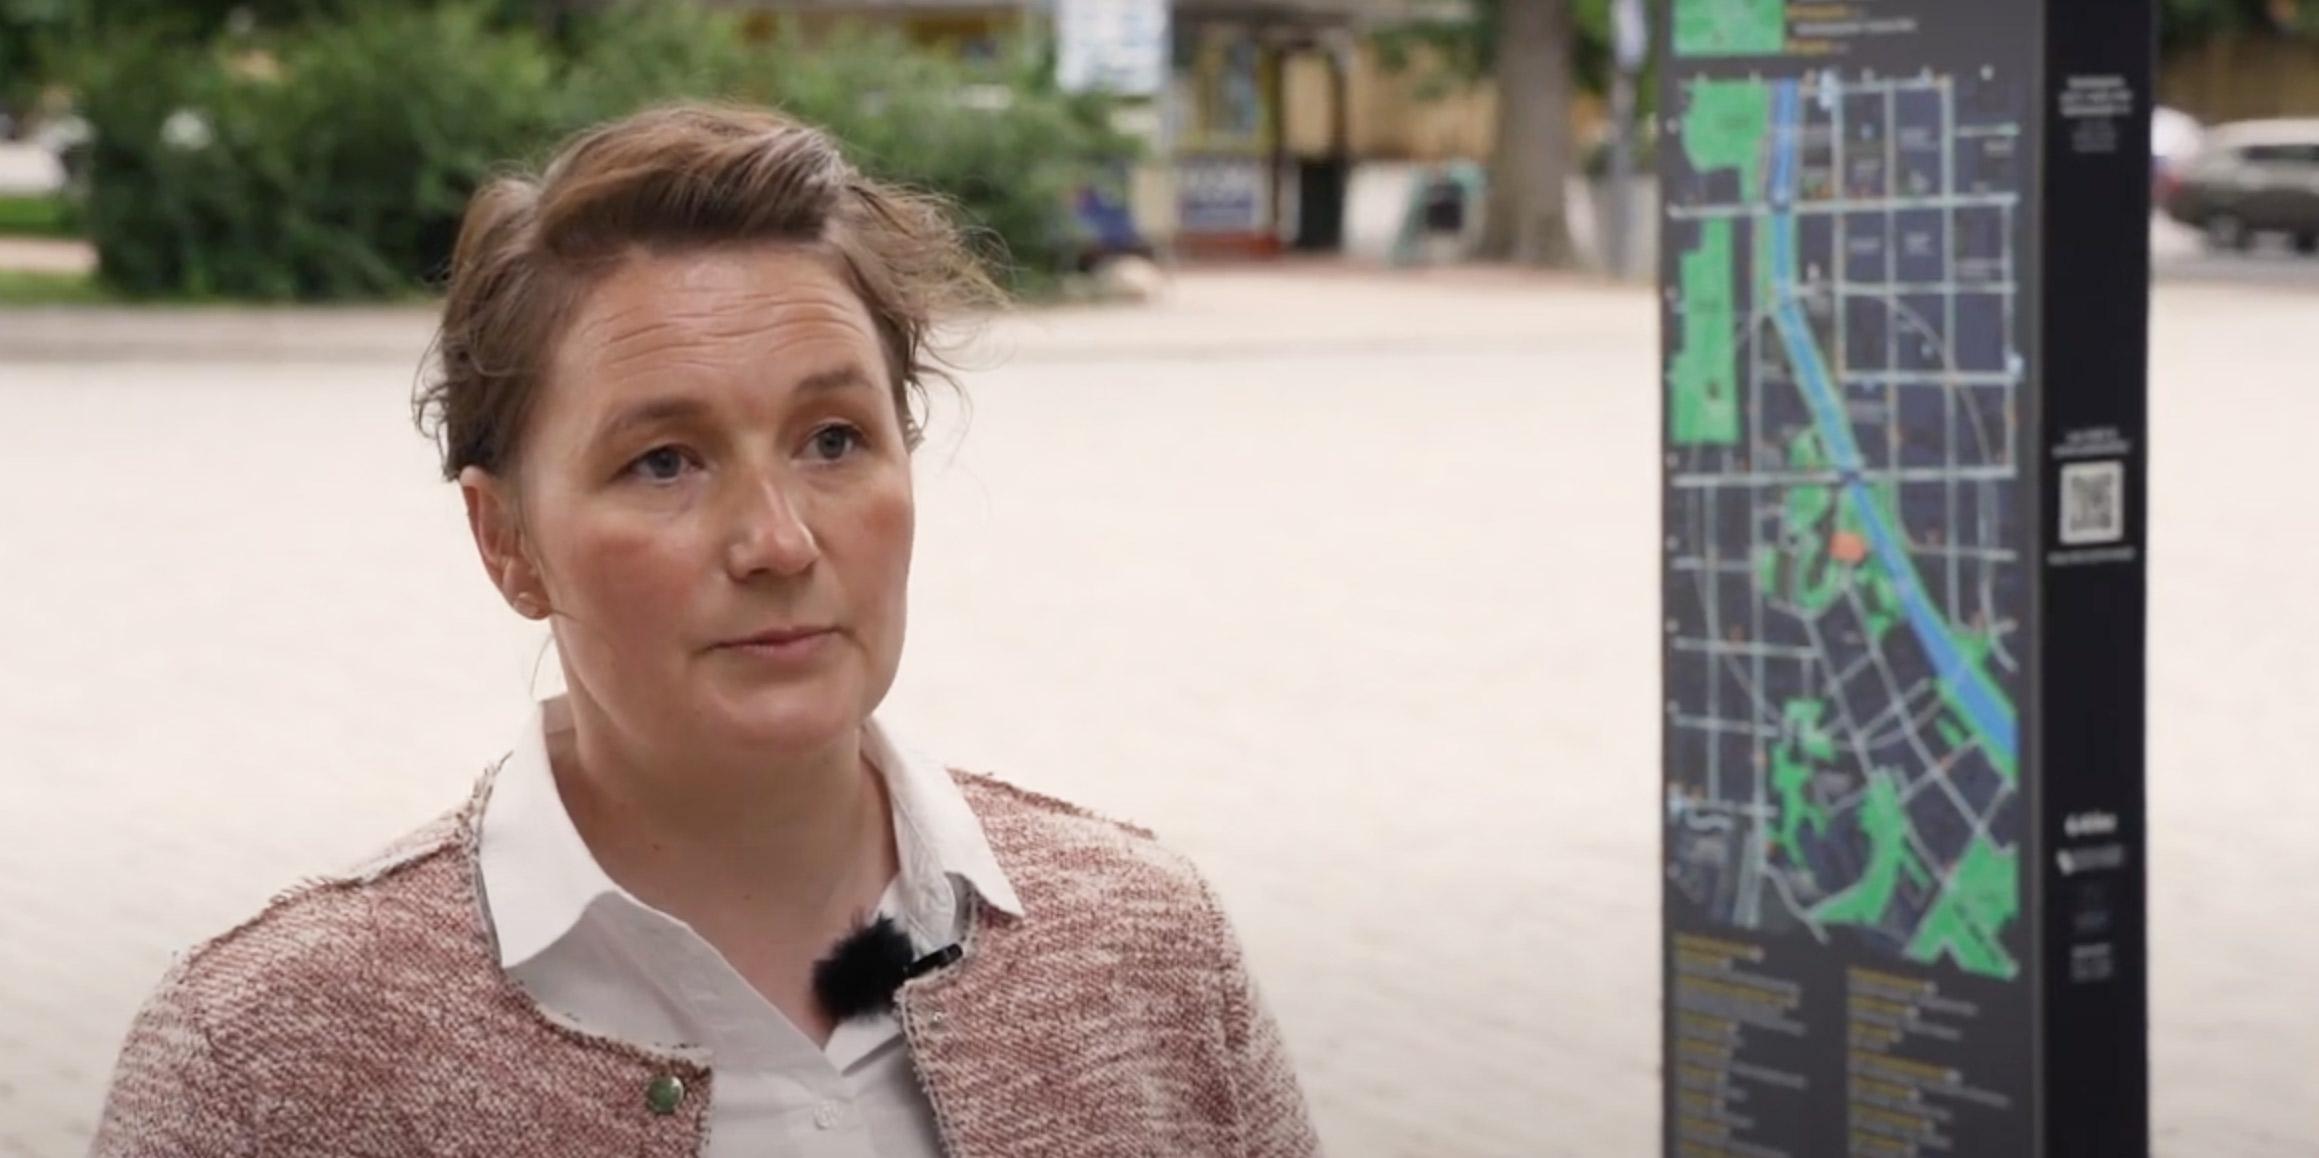 Nainen haastattelussa ulkona kadulla, taustalla näyttötaulu, jossa kaupungin karttanäkymä.